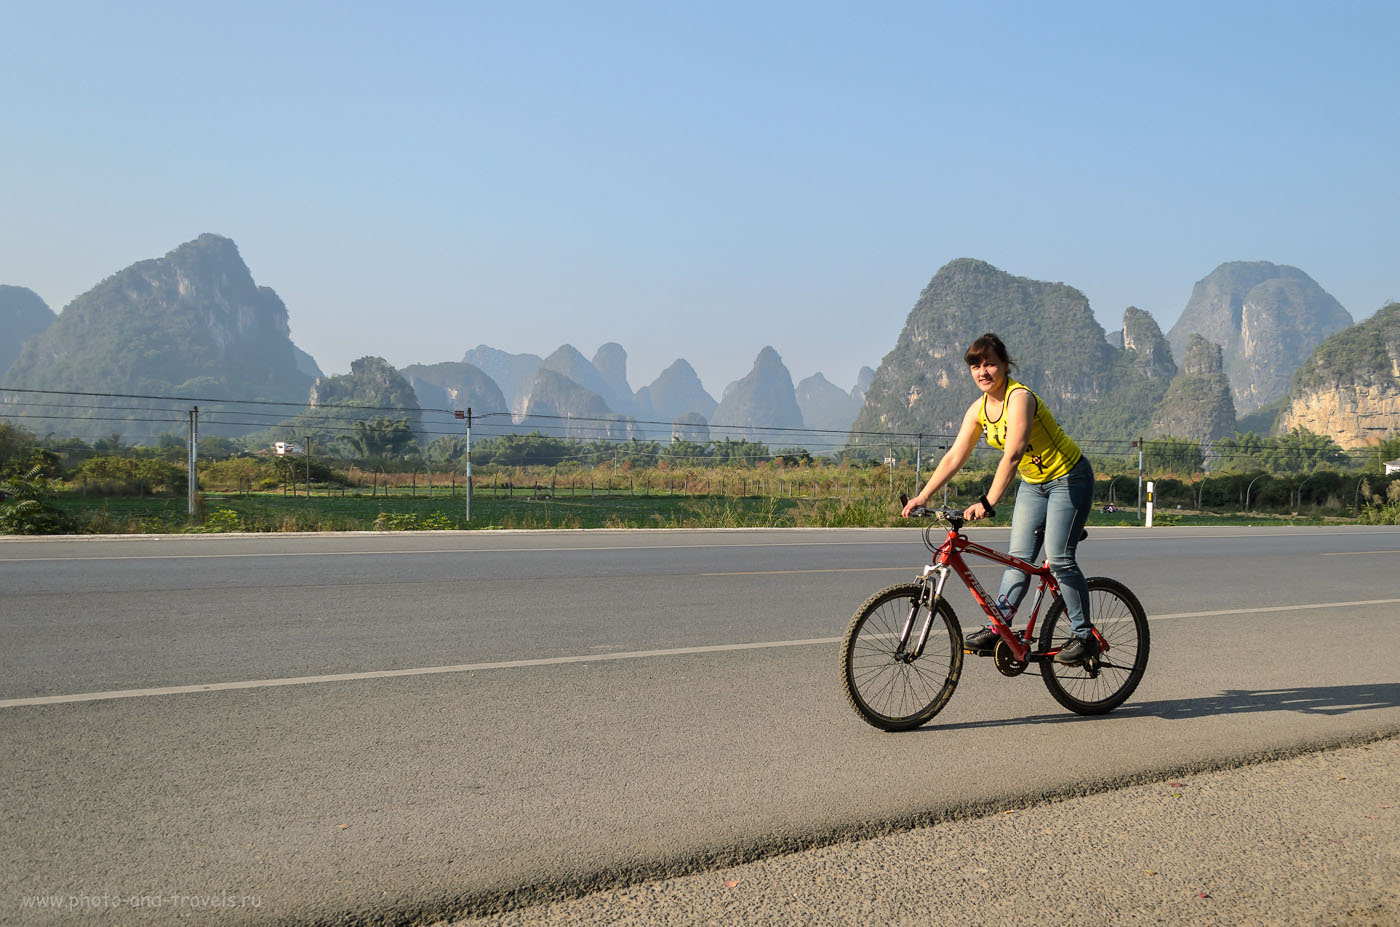 Фотосессия на велосипедах по дороге к горе Лунный Холм (Moon Hill) в окрестностях городка Яншо. Отдых в Китае самостоятельно.